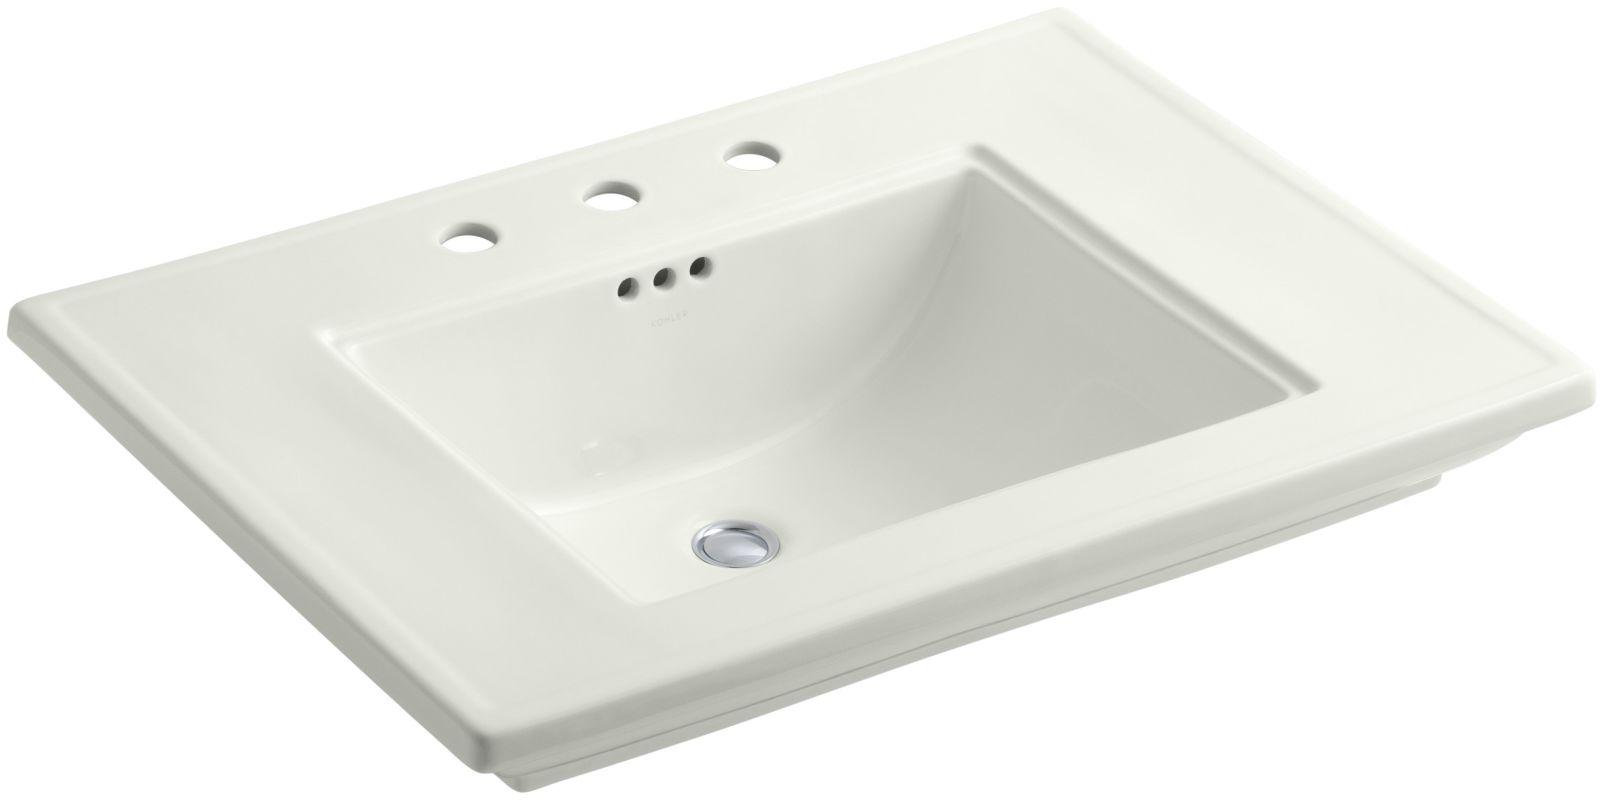 Kohler Pedestal Sink Towel Bar : Kohler K-2269-8-NY Dune Memoirs Stately 30